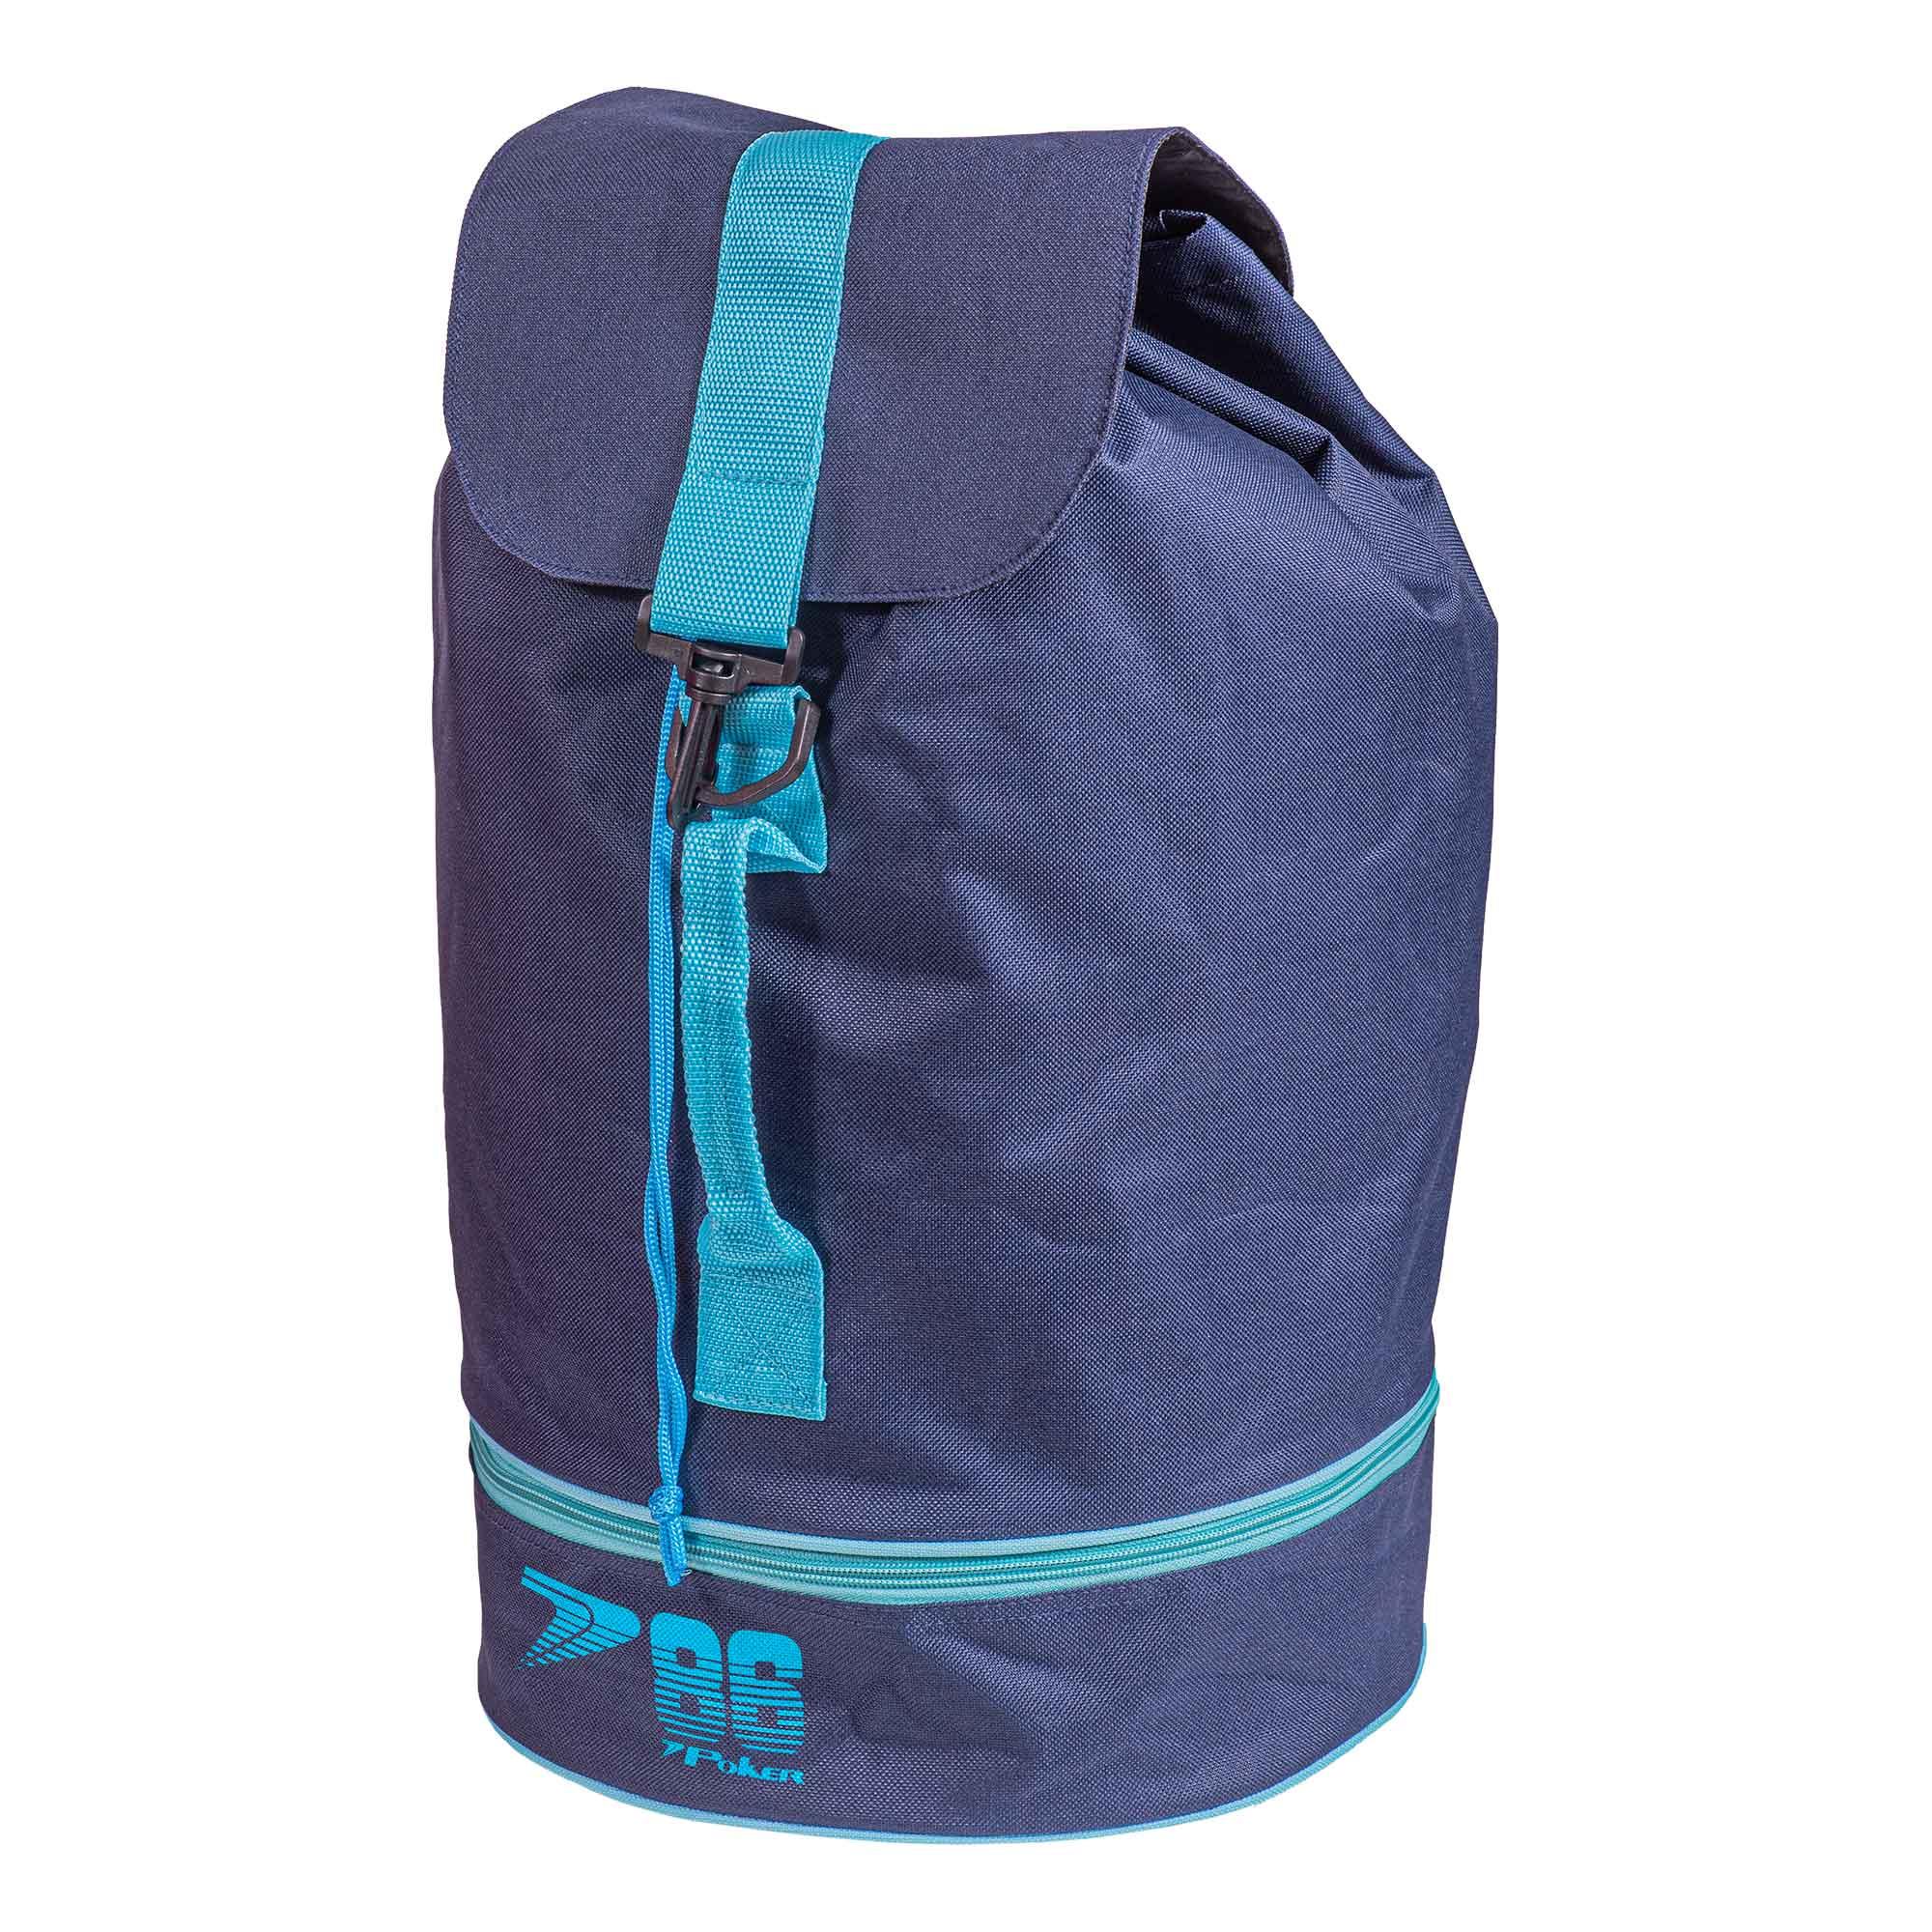 Bag Transversal Multiesporte 11535